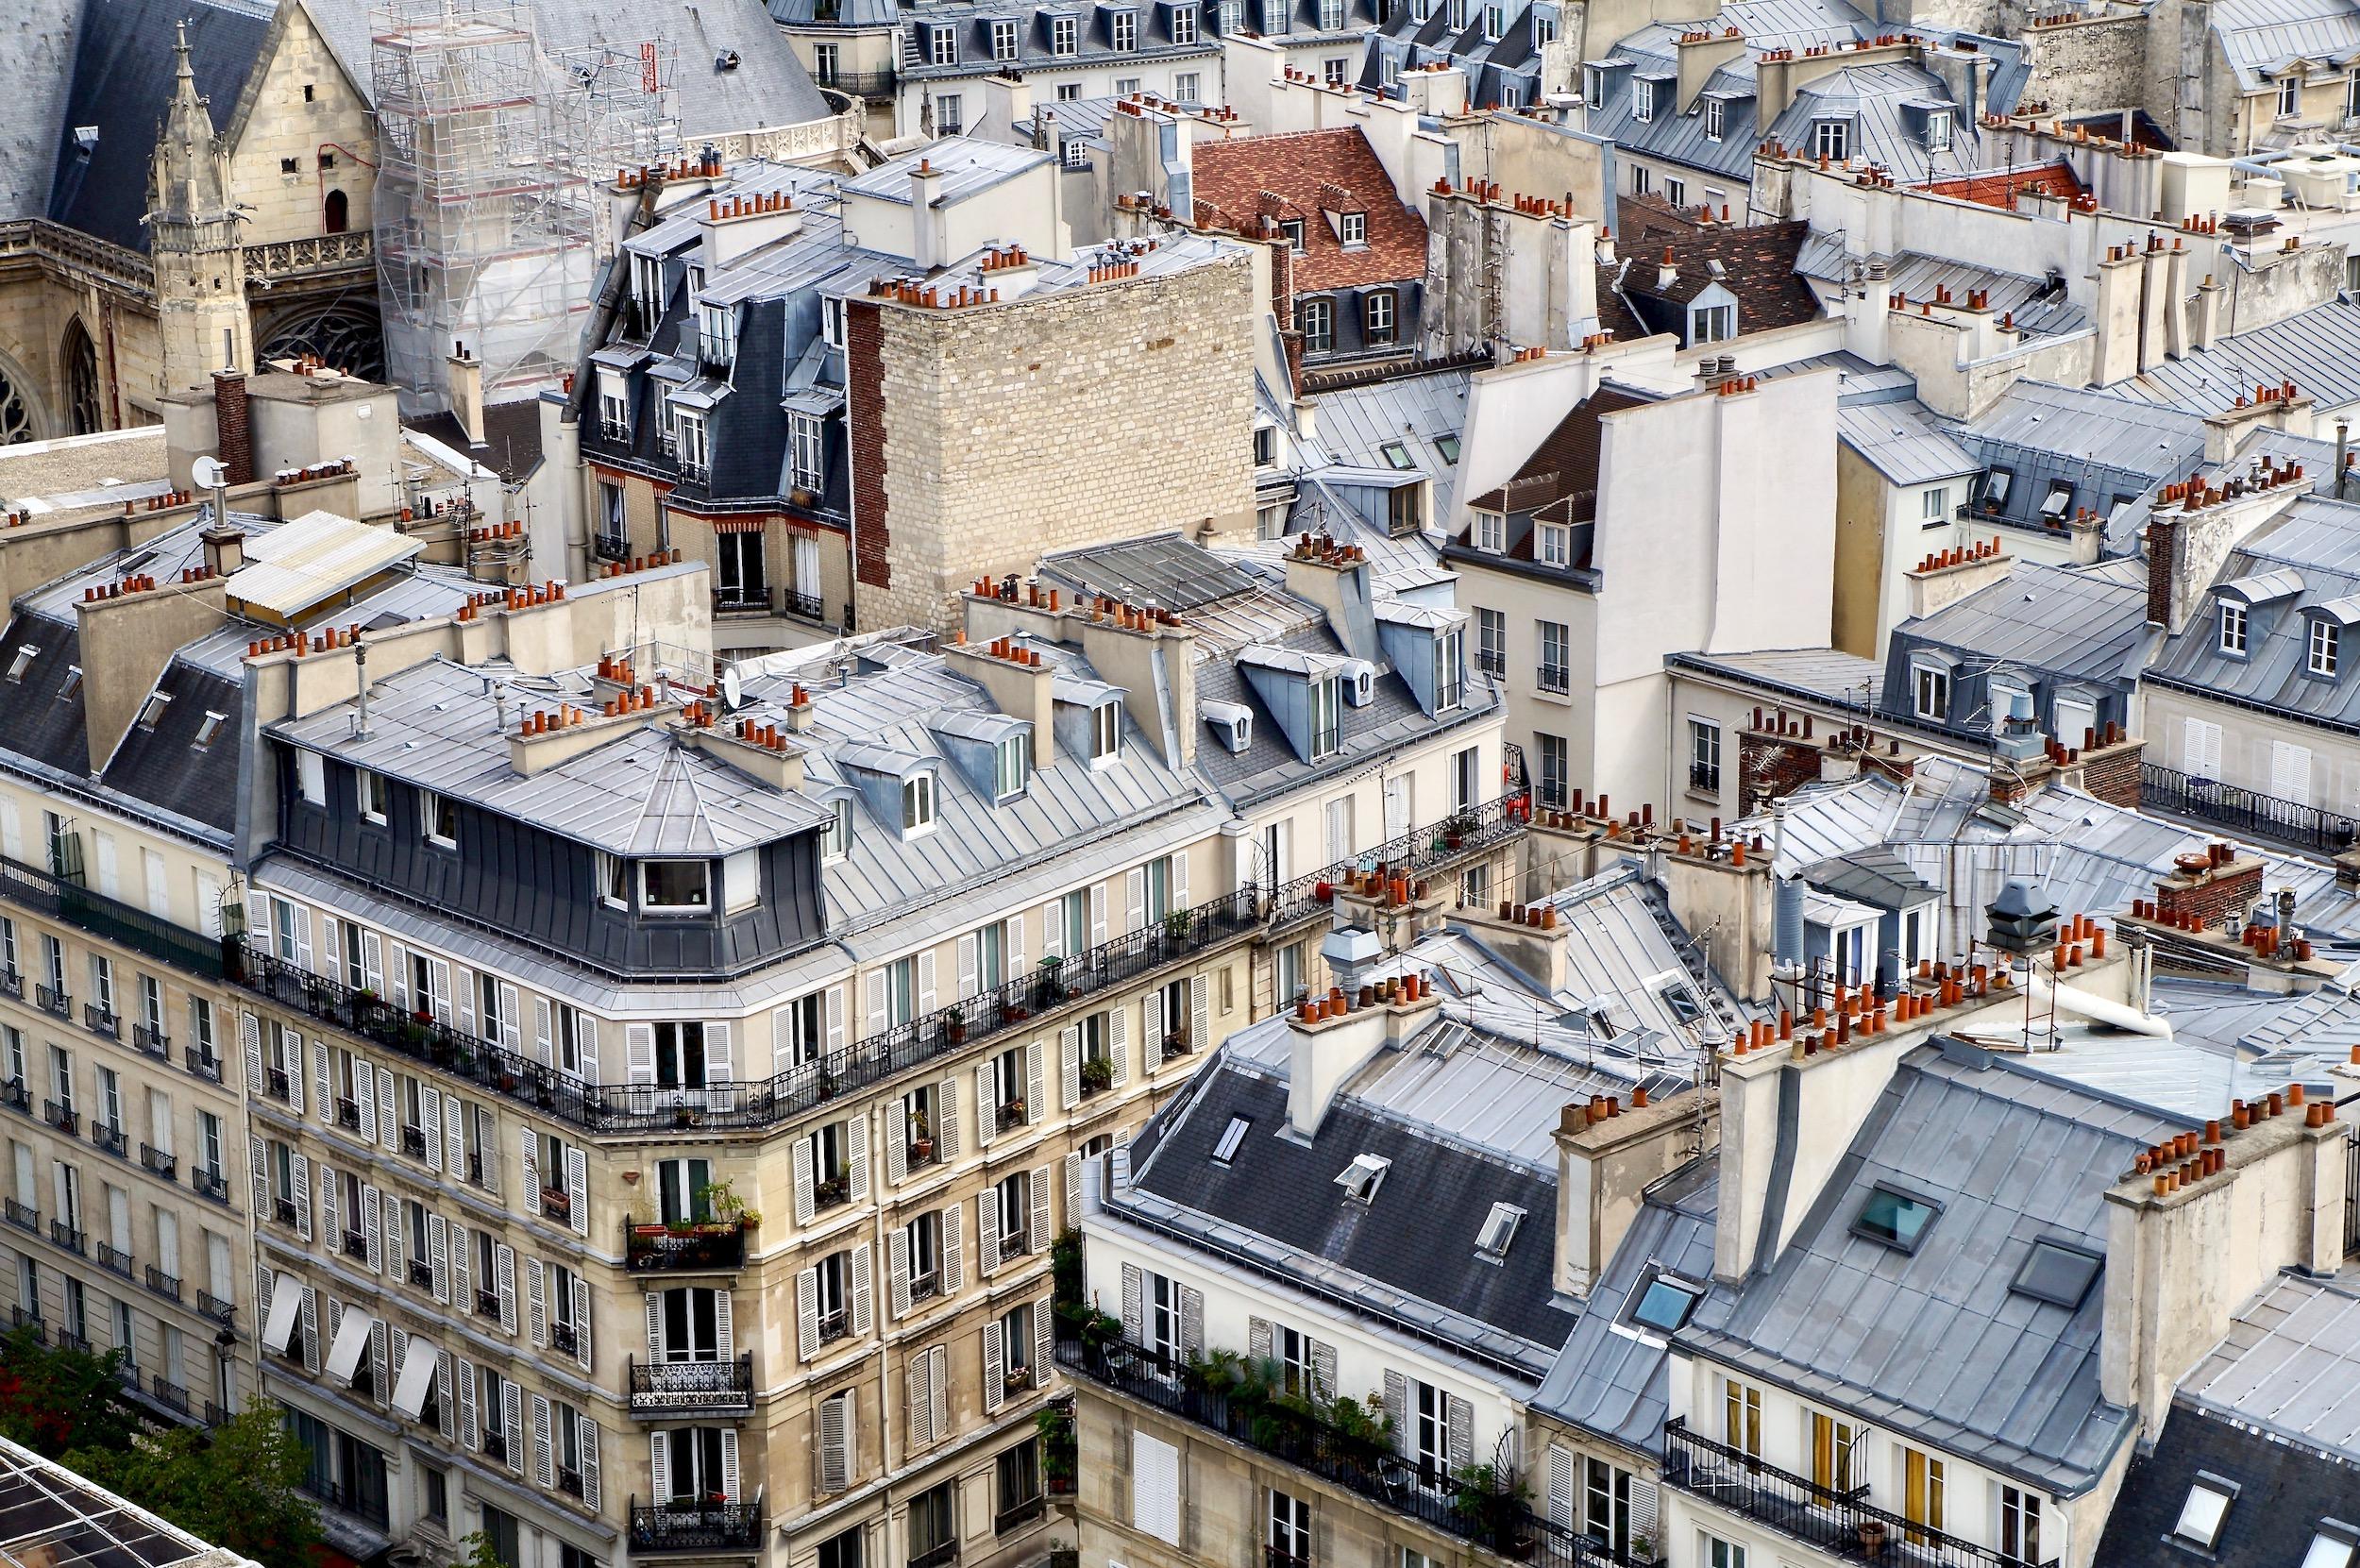 Parisian rooftops from Tour Saint-Jacques